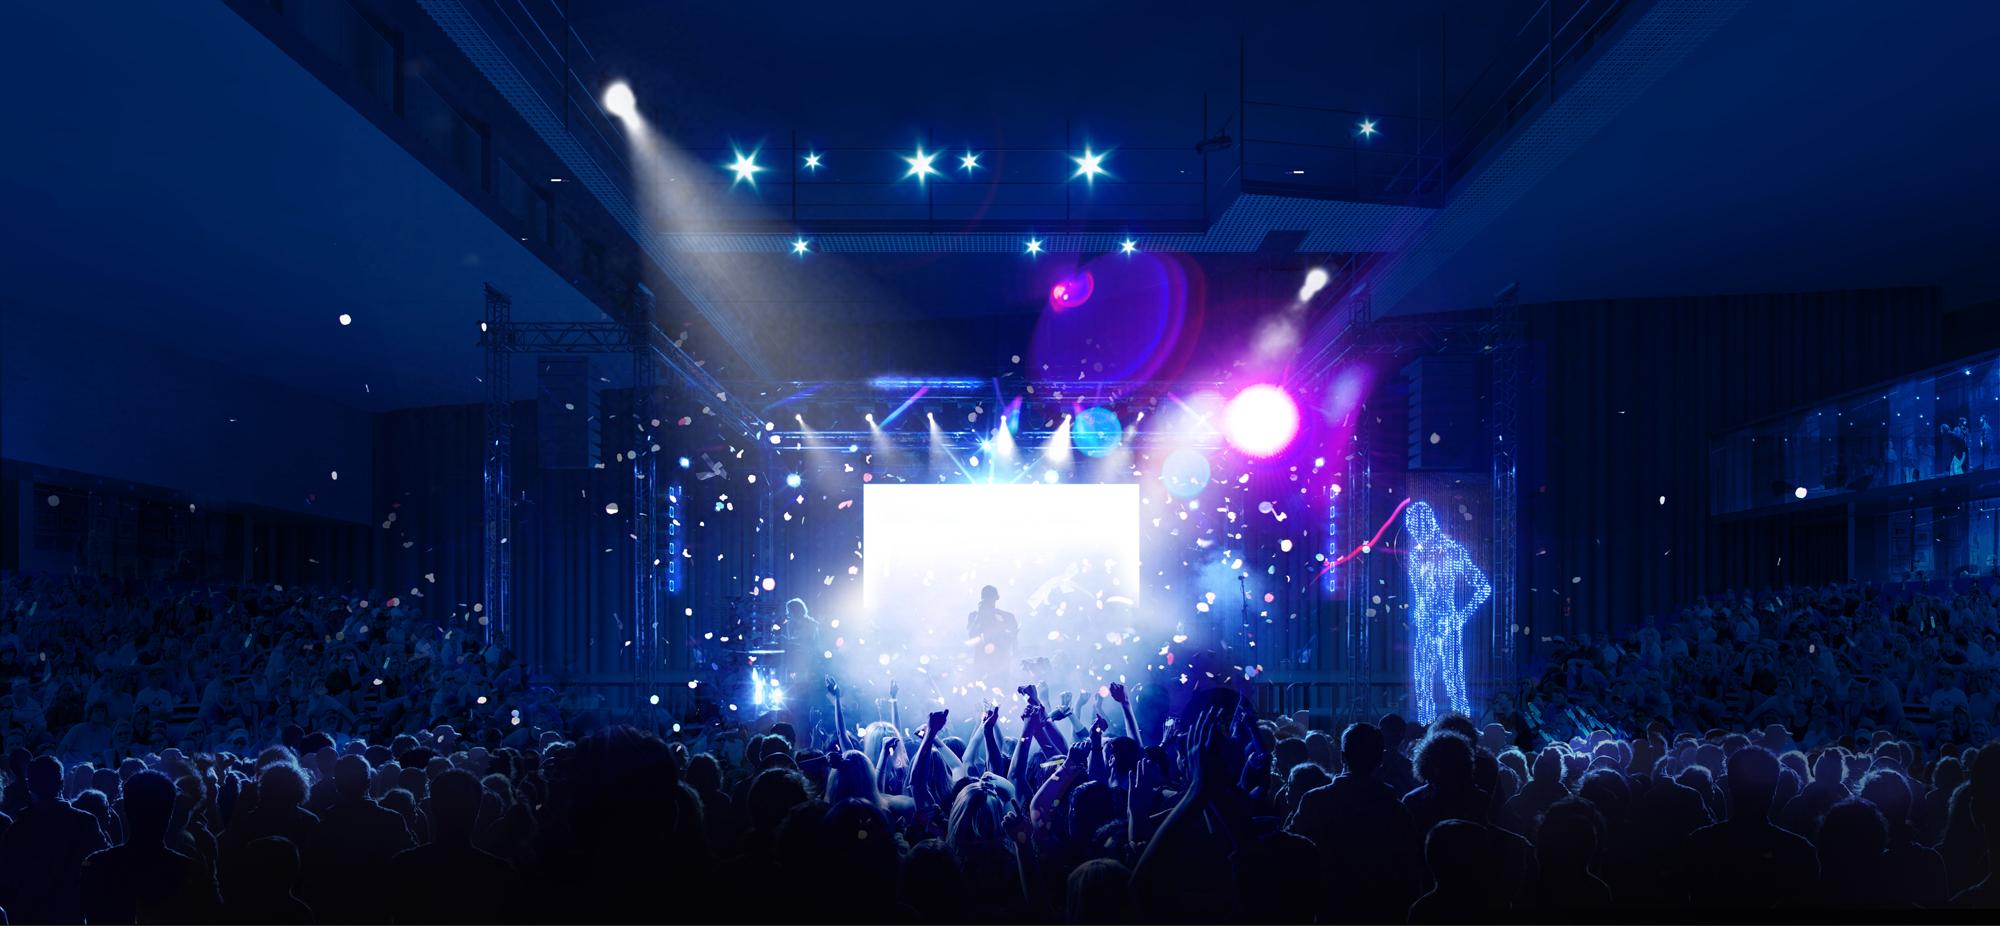 Chaumont Concert